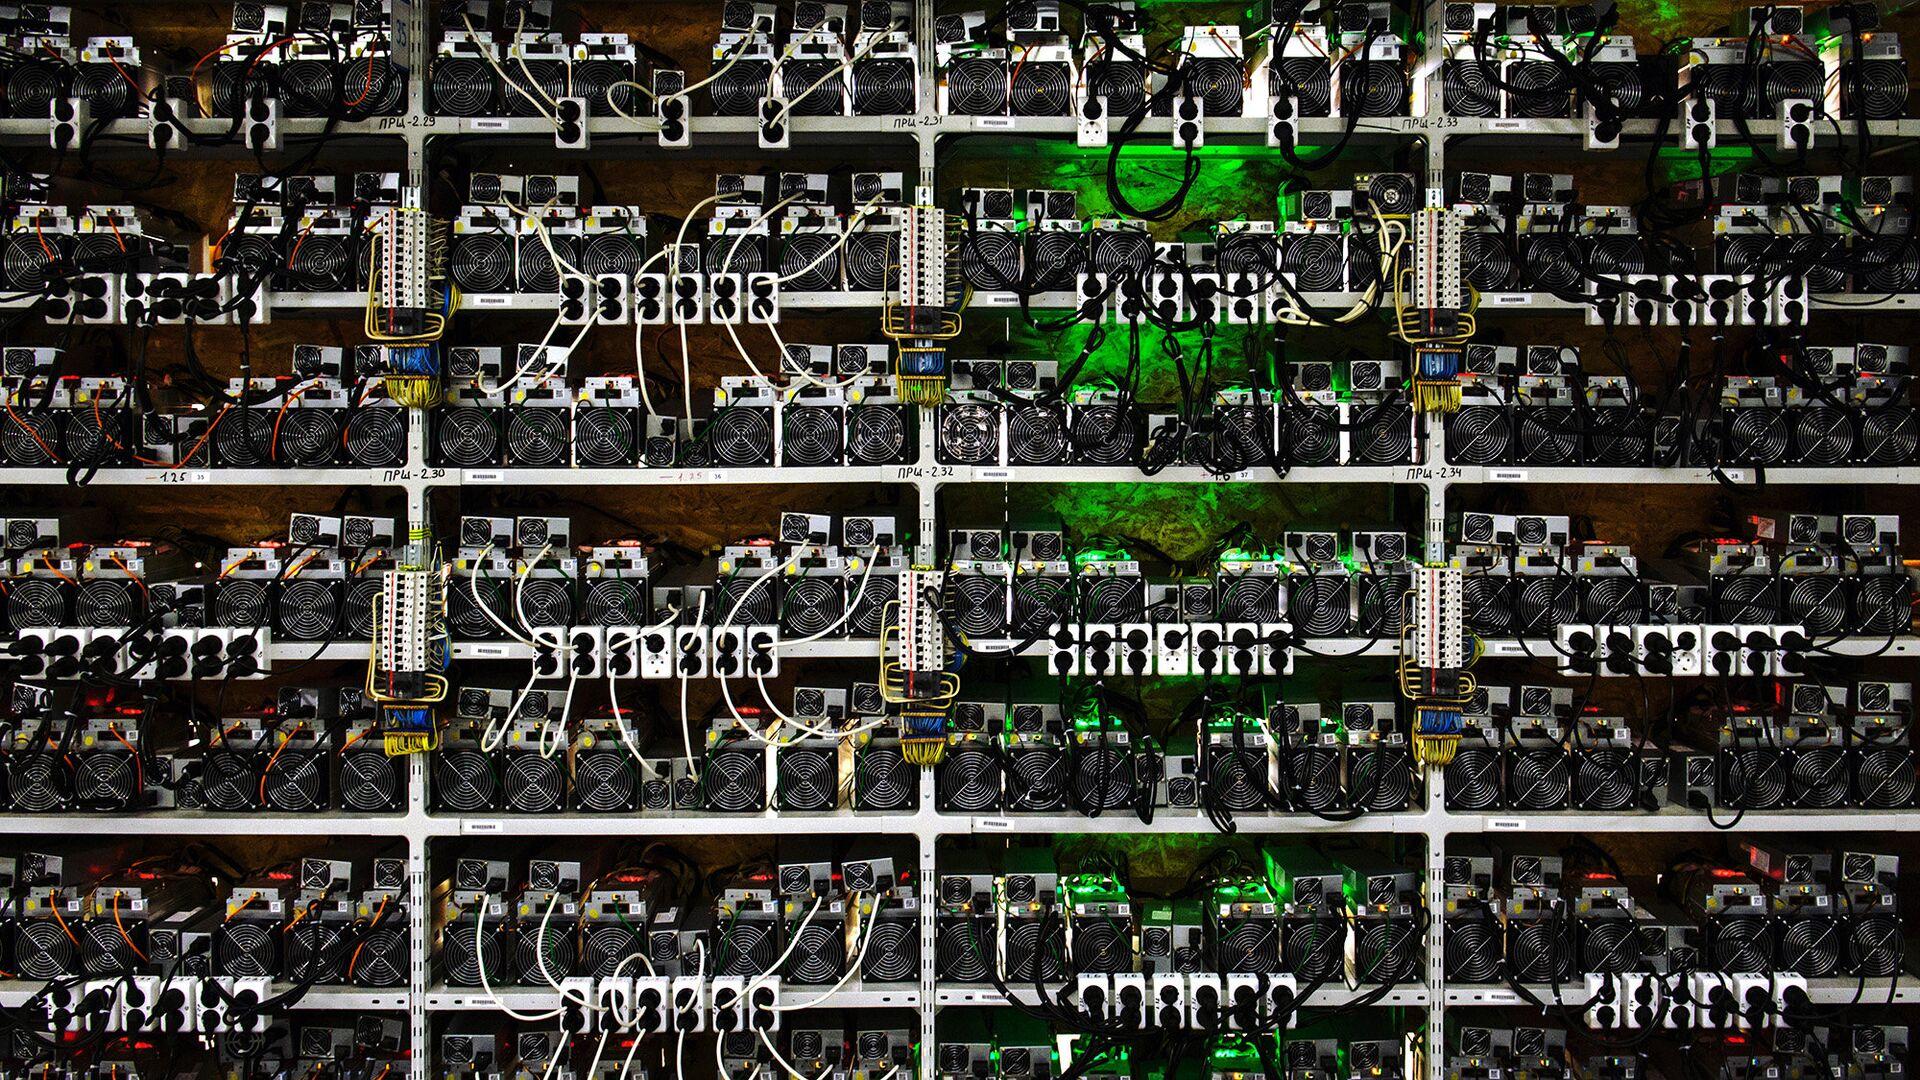 Стеллажи с фермами для майнинга криптовалют на открытии в Ленинградской области центра майнинга криптовалюты энергомощностью 20 мВт - РИА Новости, 1920, 28.11.2020